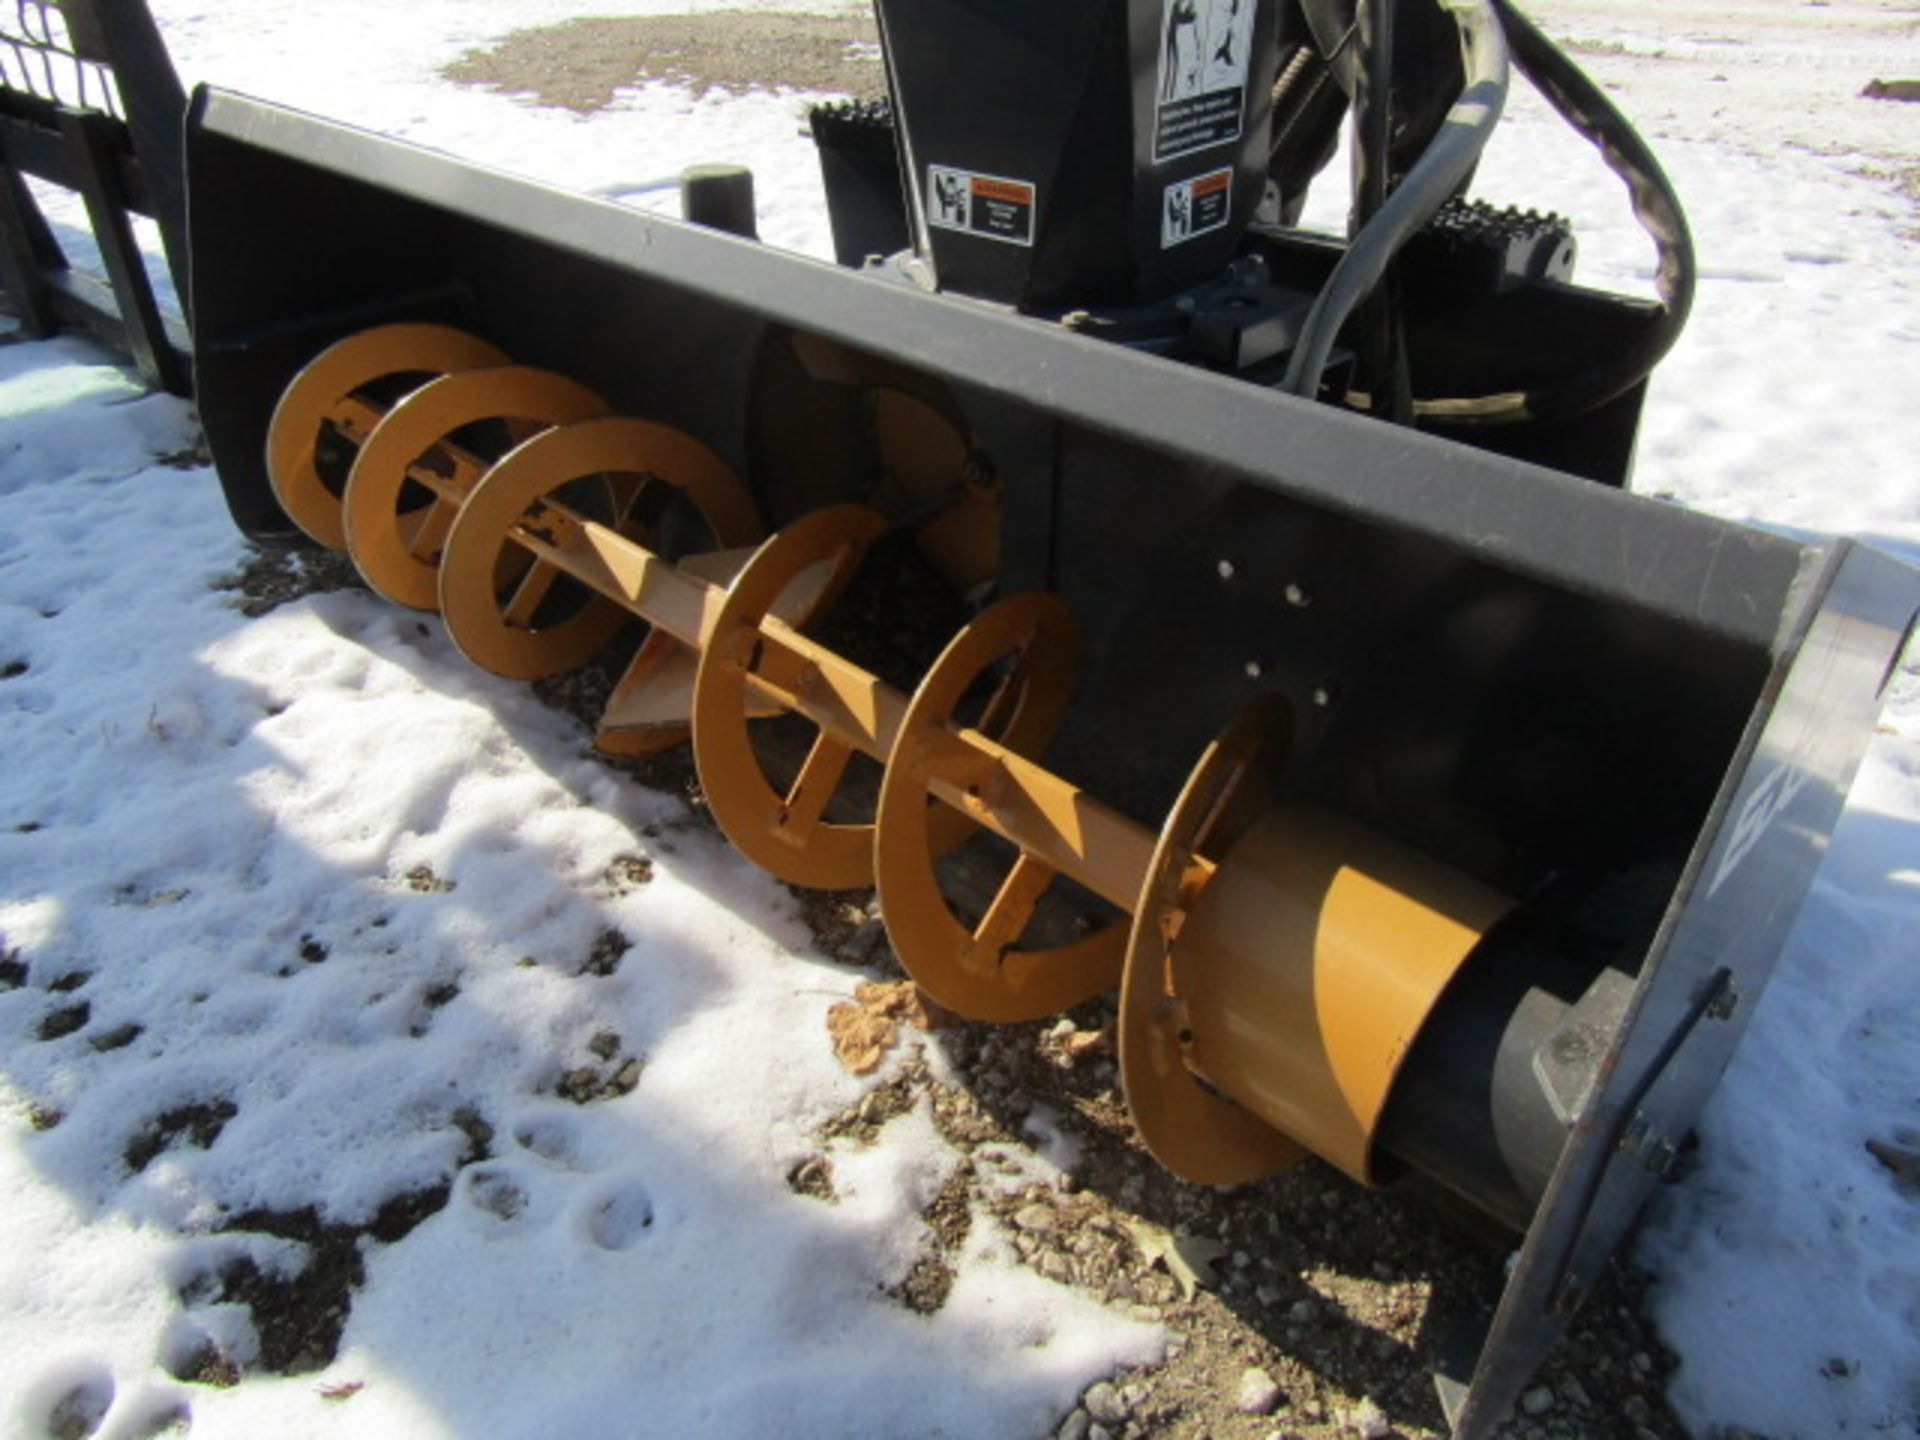 Lot 348 - Edge Attachments Snow blower, Model #50503588